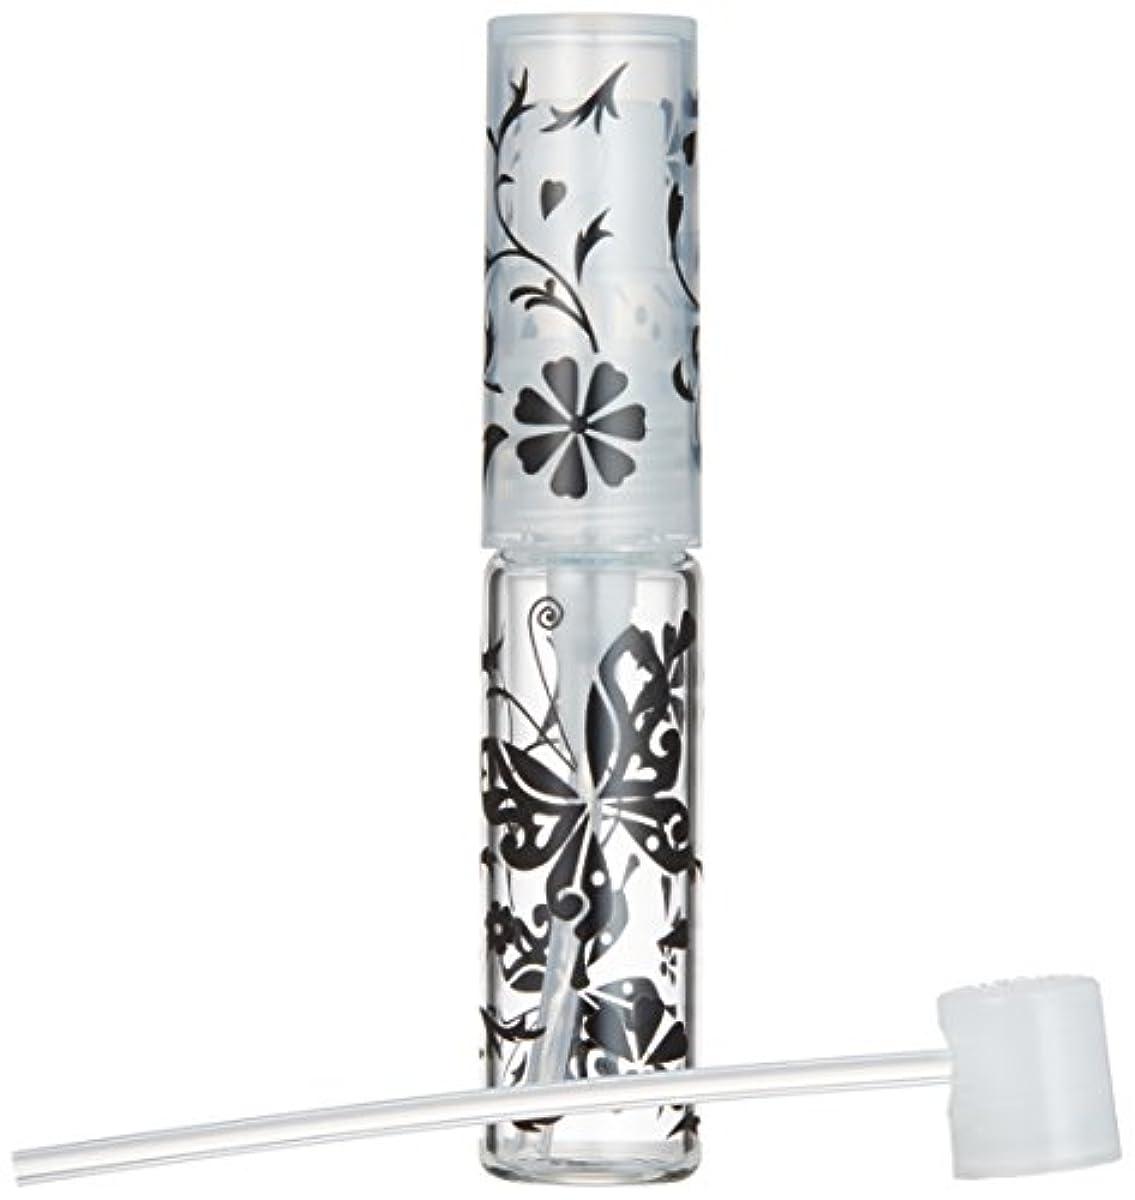 50138 【ヤマダアトマイザー】グラスアトマイザー プラスチックポンプ 柄 バタフライ ブラック